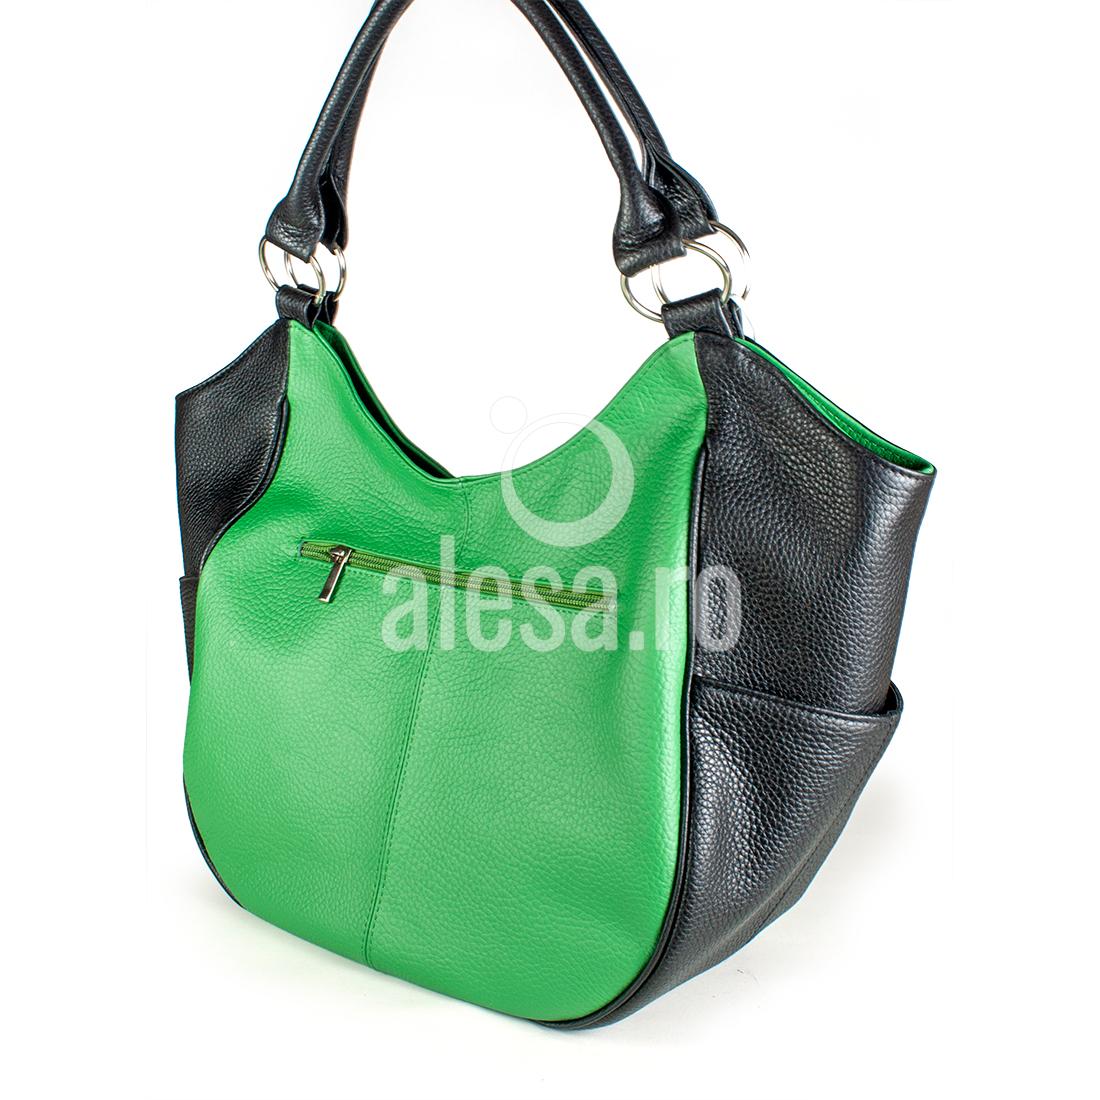 Geanta verde de umar, o geanta mare, romaneasca